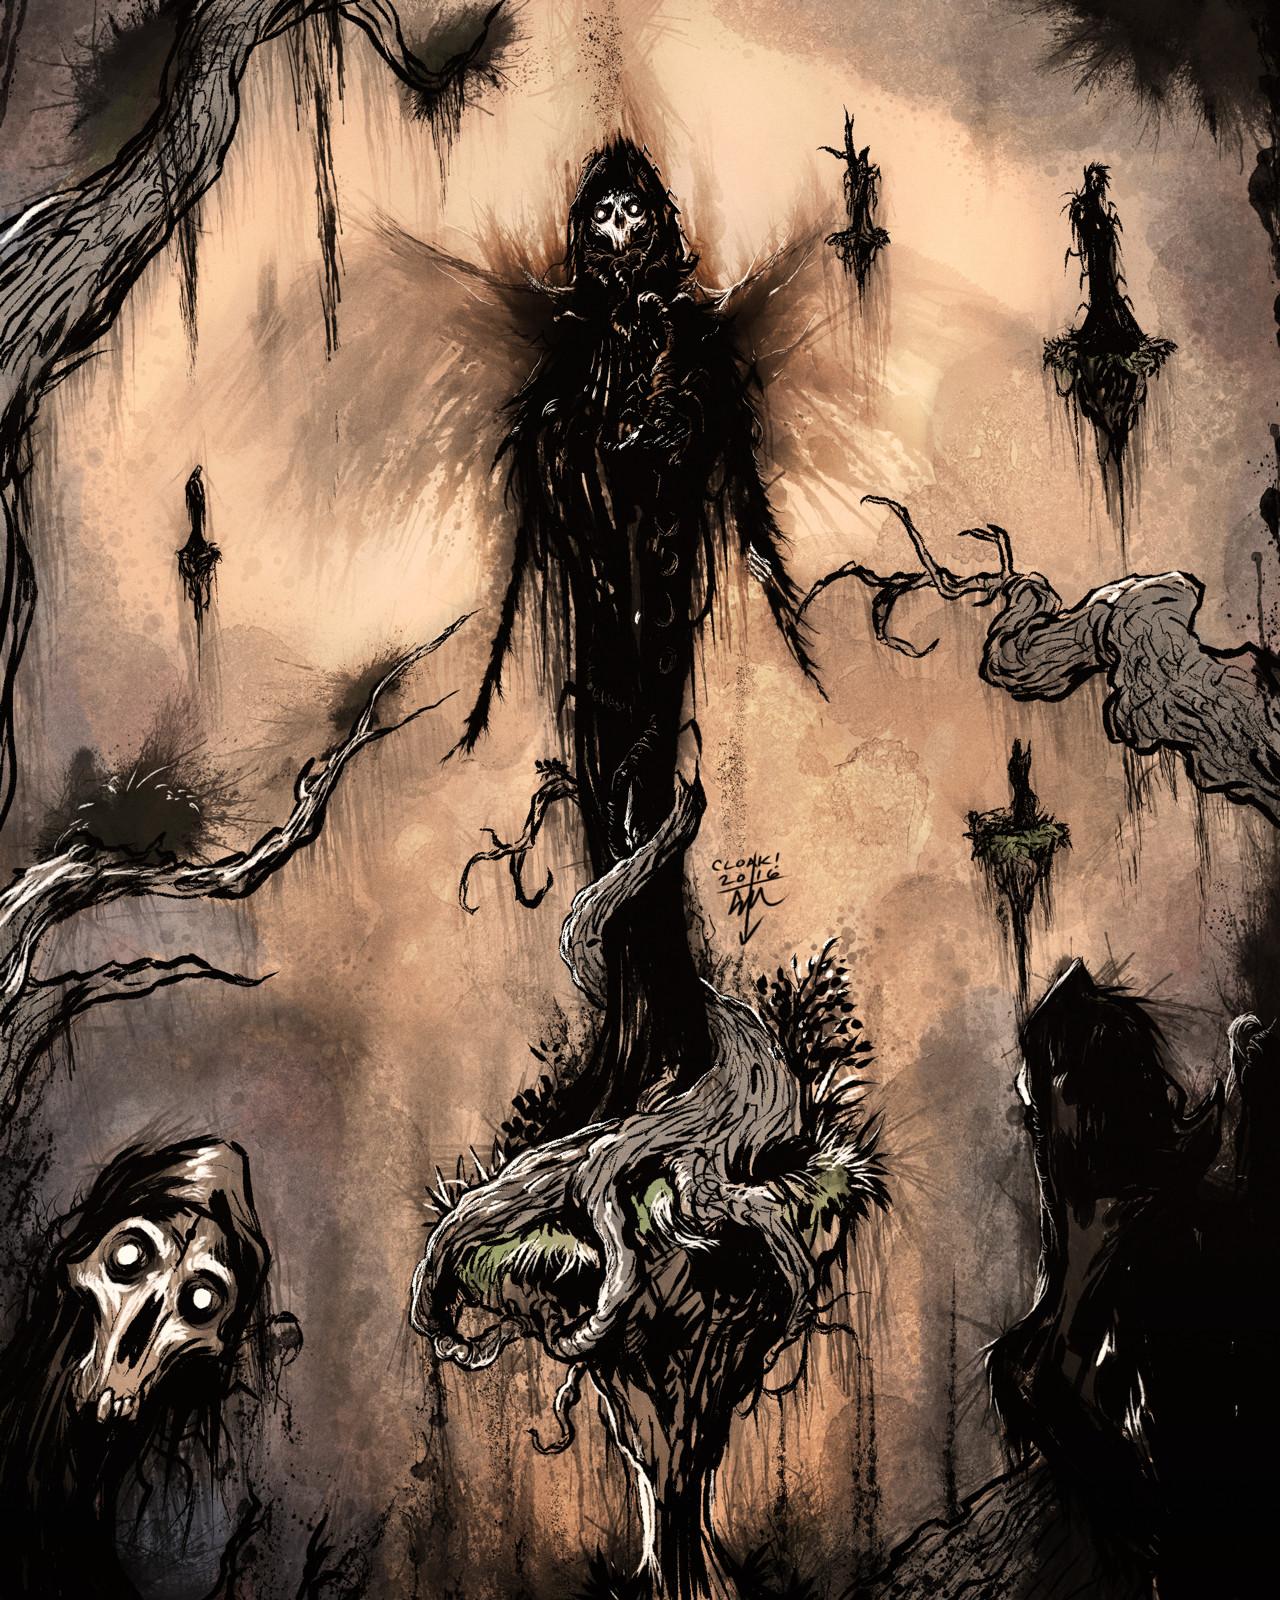 Sal vador thedarkcloak tdc wraithtownskulls